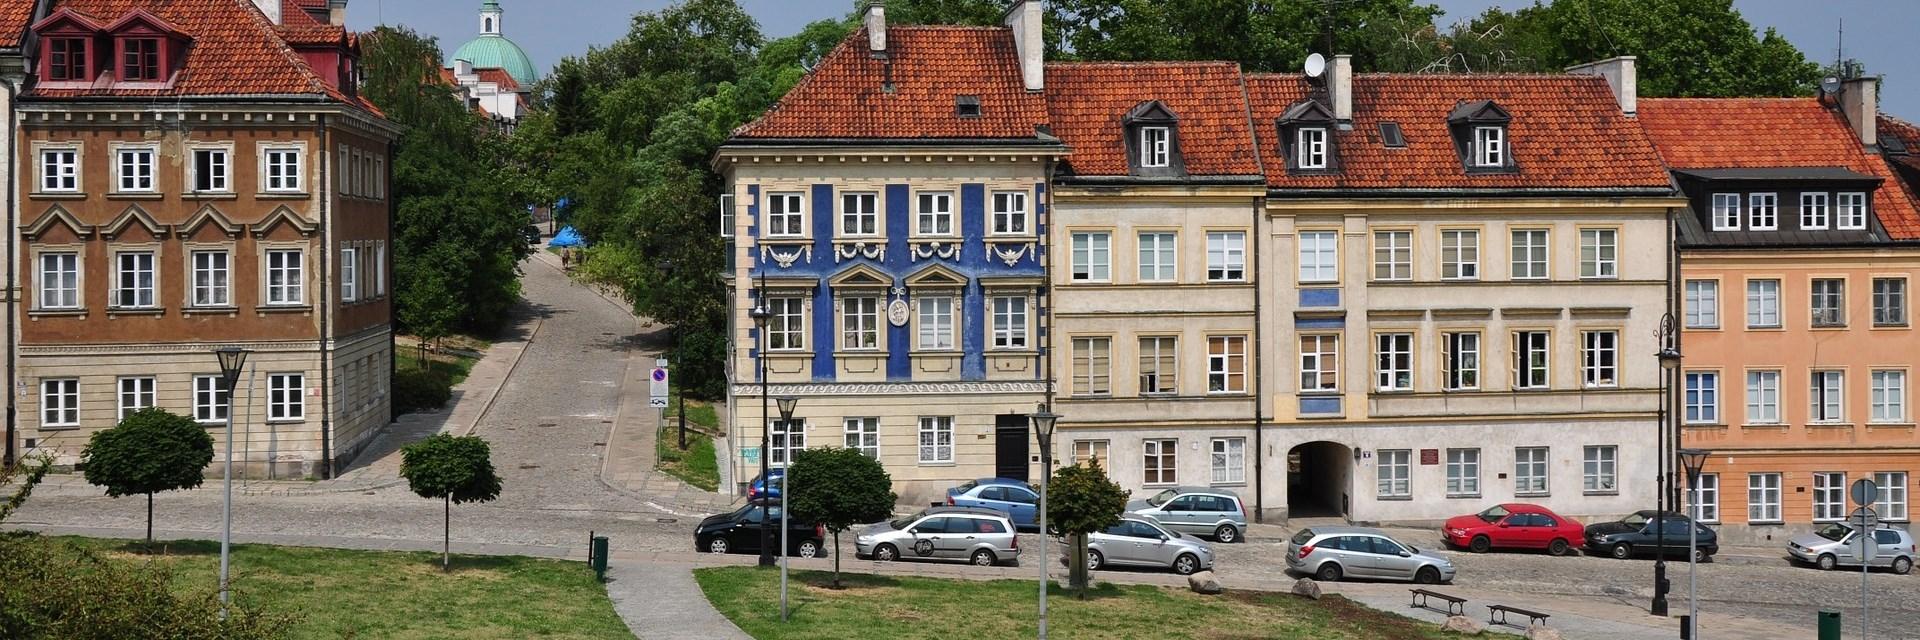 10 вещей, которые нужно сделать туристу в Варшаве